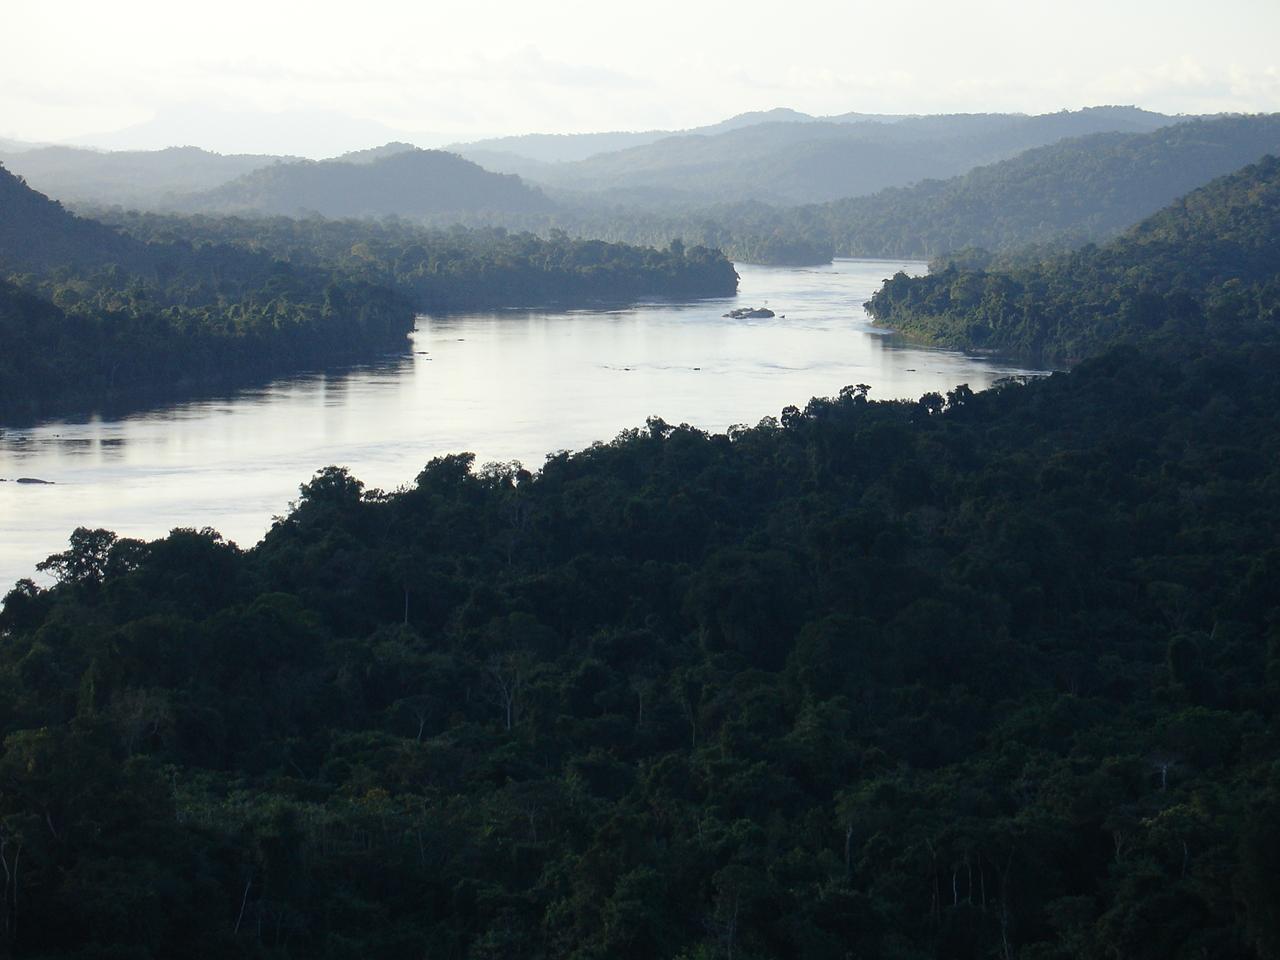 Tauchen Sie ein in den Dschungel um den Fluss Caura in Venezuela